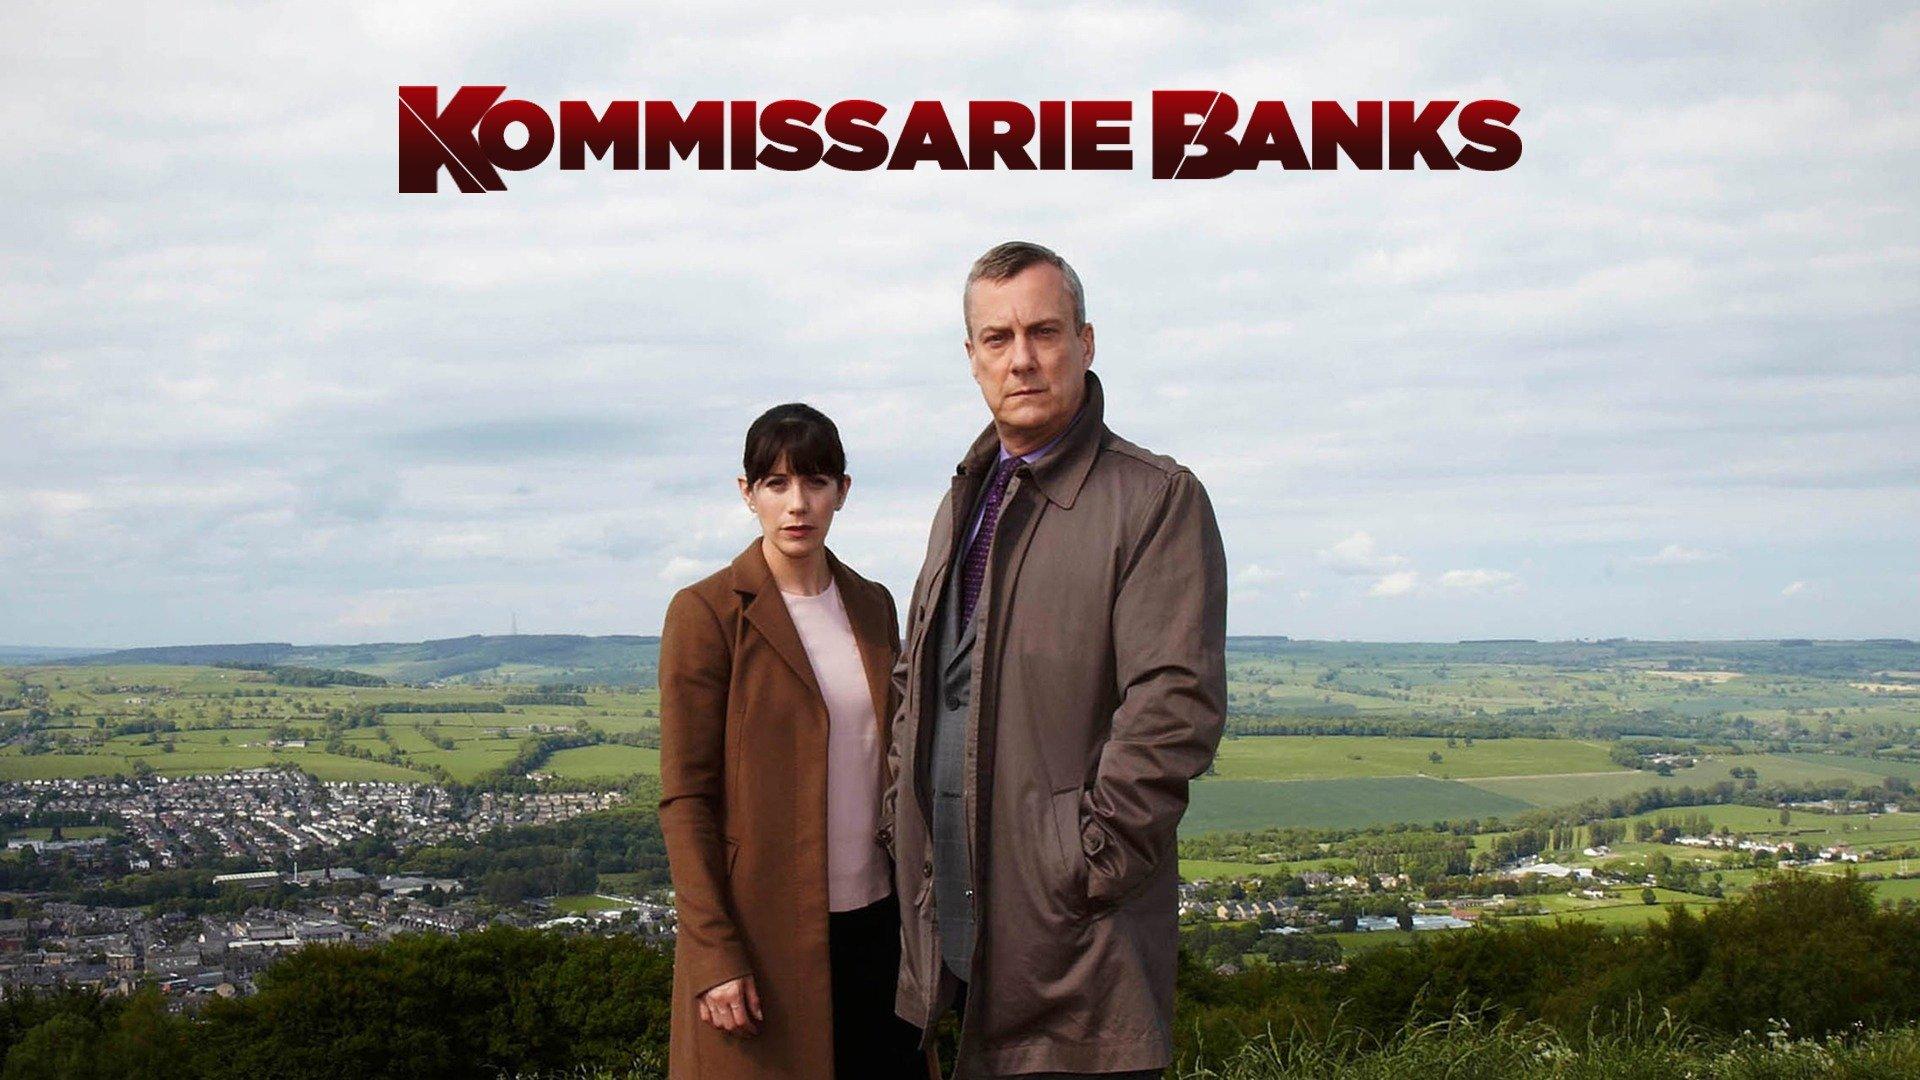 Kommissarie Banks